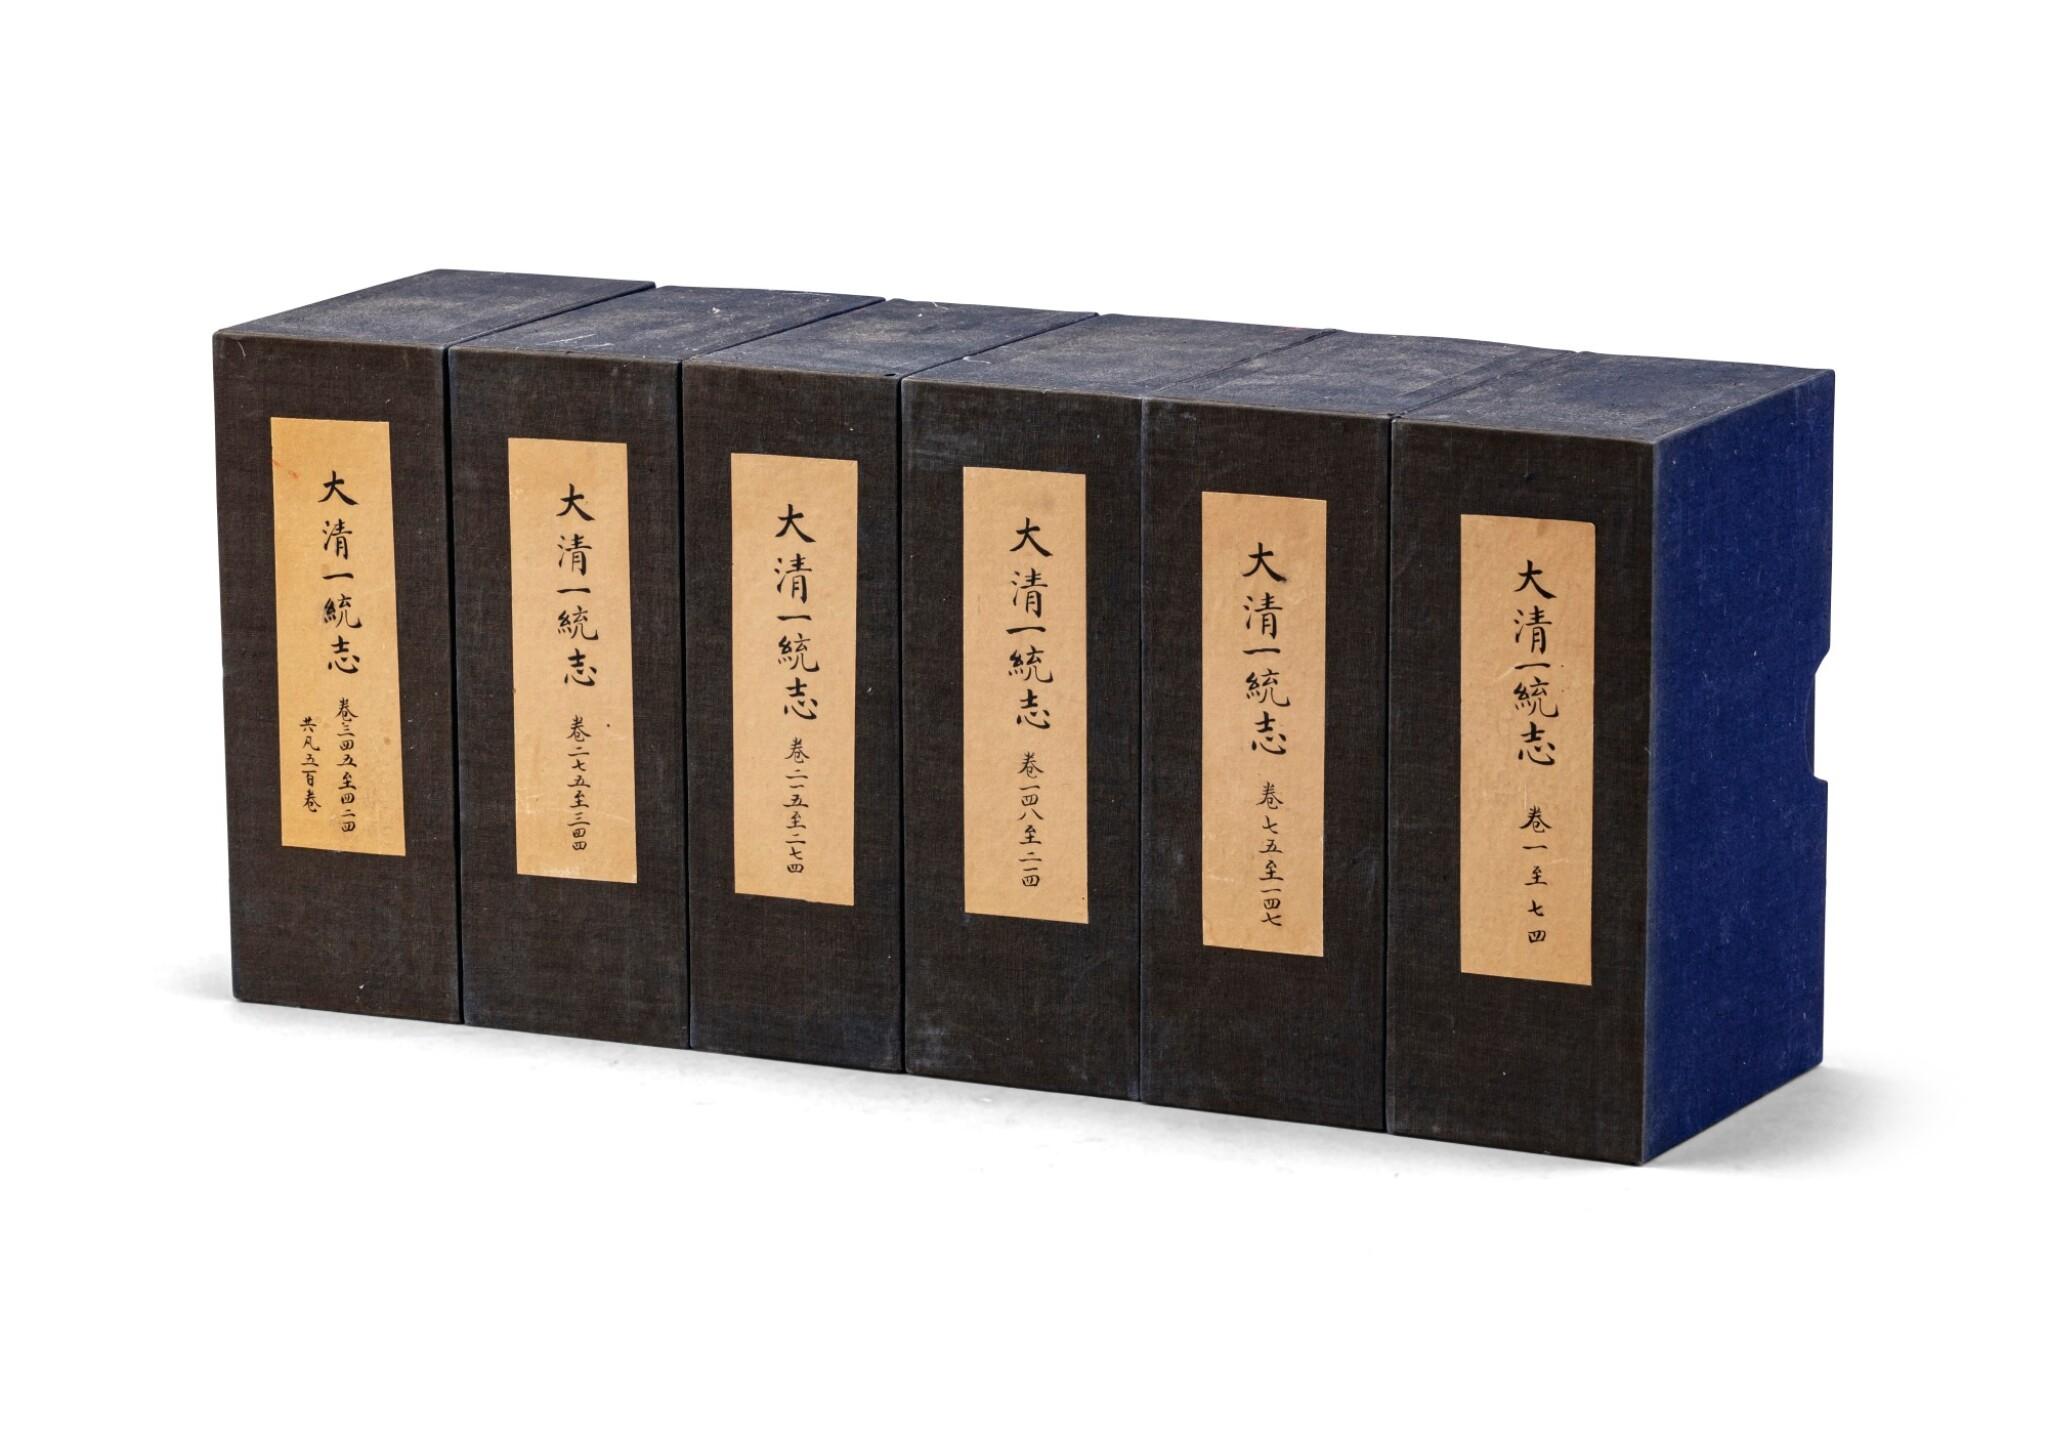 View 1 of Lot 144. He Shen et al. (Ed.), Da Qing Yitong Zhi Dynastie Qing, époque Guangxu, daté dingyou (1897) | 和珅等 奉旨重纂 《大清一統志五百卷》| He Shen et al. (Ed.)? Da Qing Yitong Zhi.